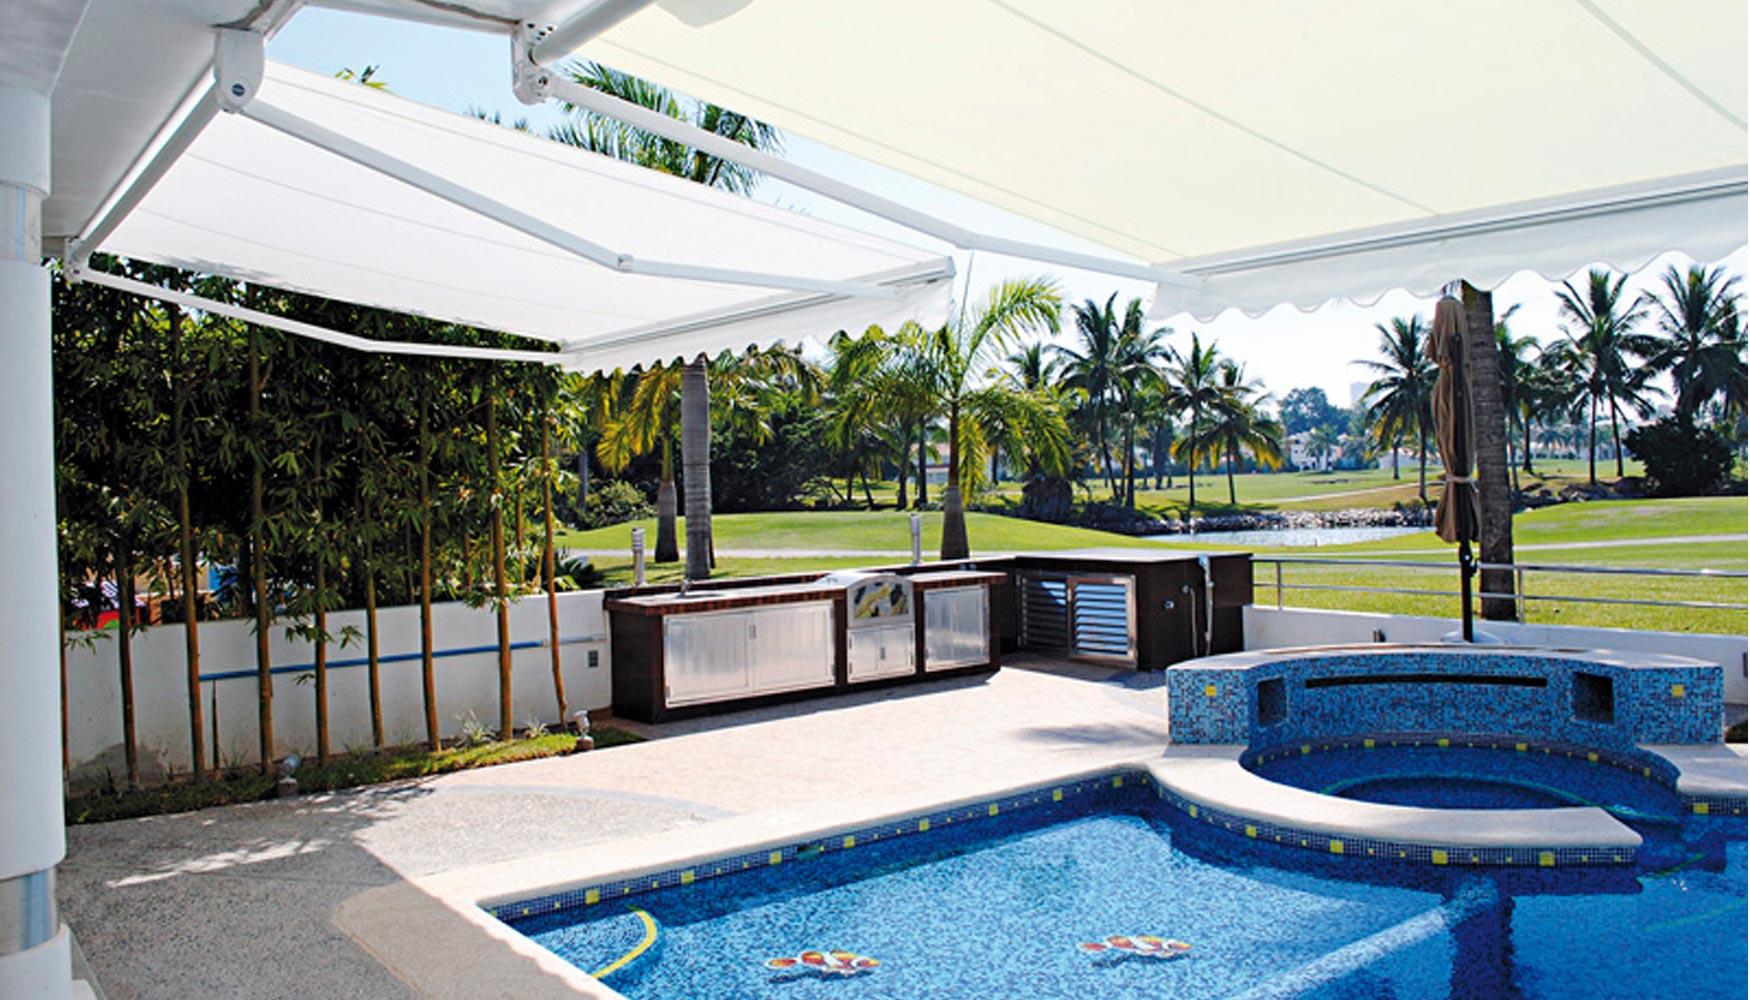 Los elementos de protecci n solar de persax perfectos - Proteccion para terrazas ...